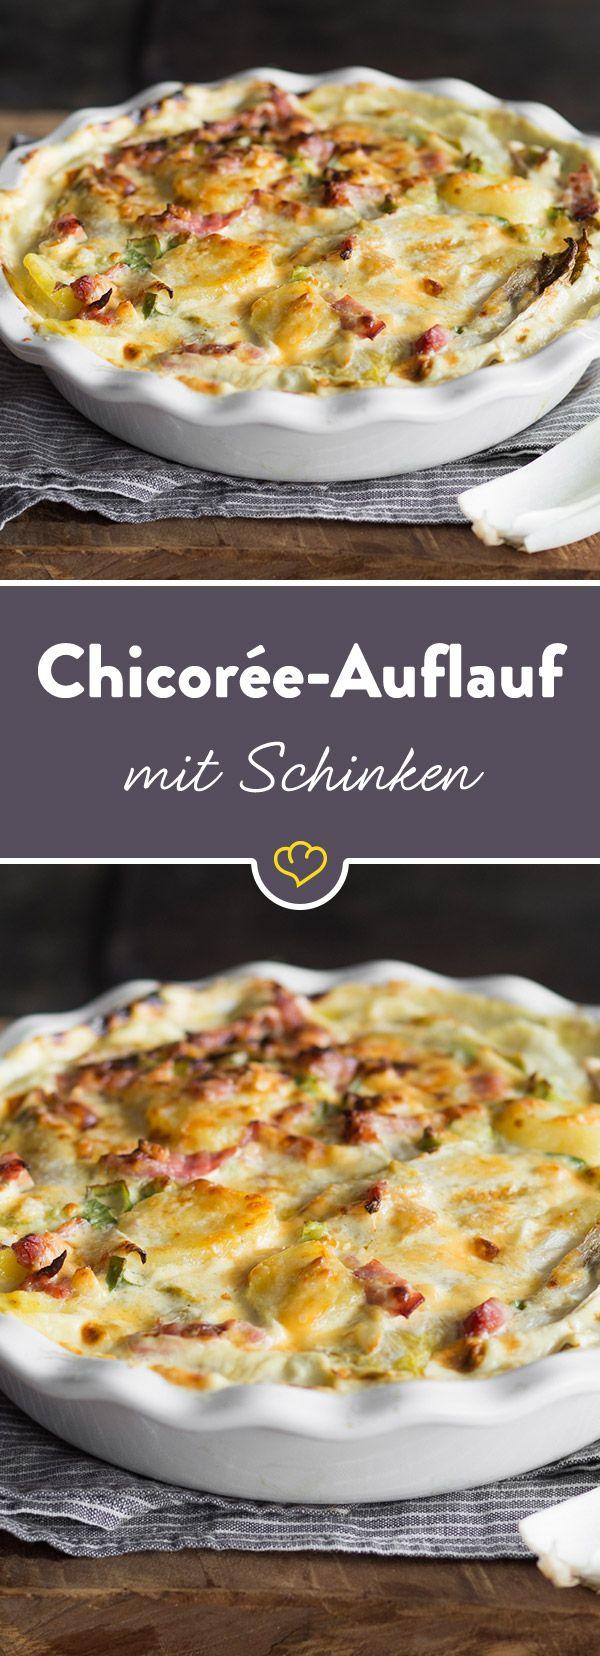 Von wegen zu bitter! Gewusst wie schmeckt Chicorée richtig gut und verleiht diesem würzigen Auflauf mit Kochschinken das gewisse Etwas.